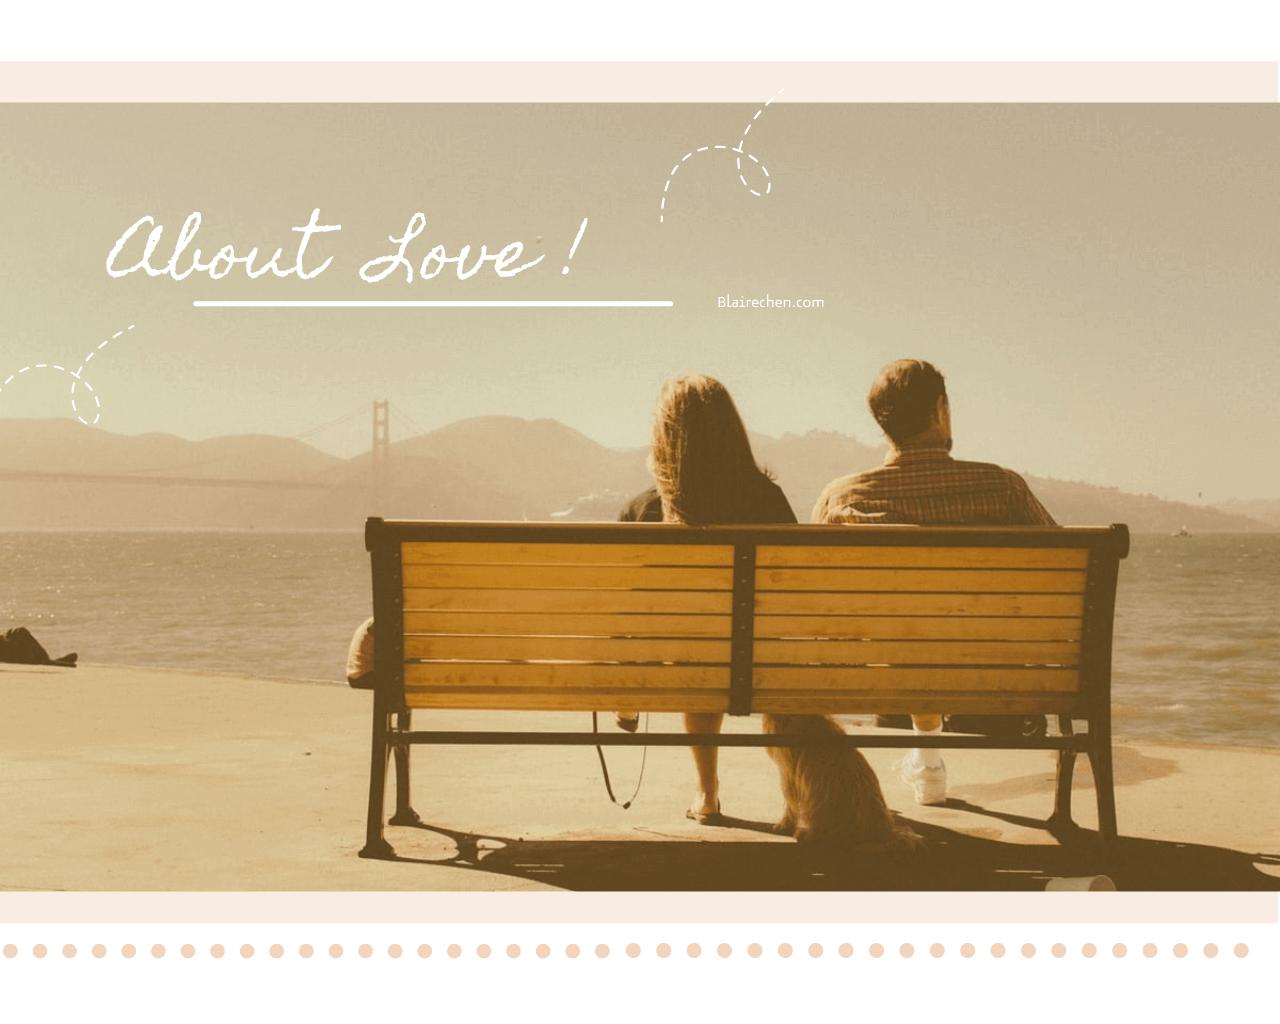 關於30+的愛情:一個眼神,找到一起擁抱愛情的人,5個愛情樣態,帶你邁向成熟的感情關係!